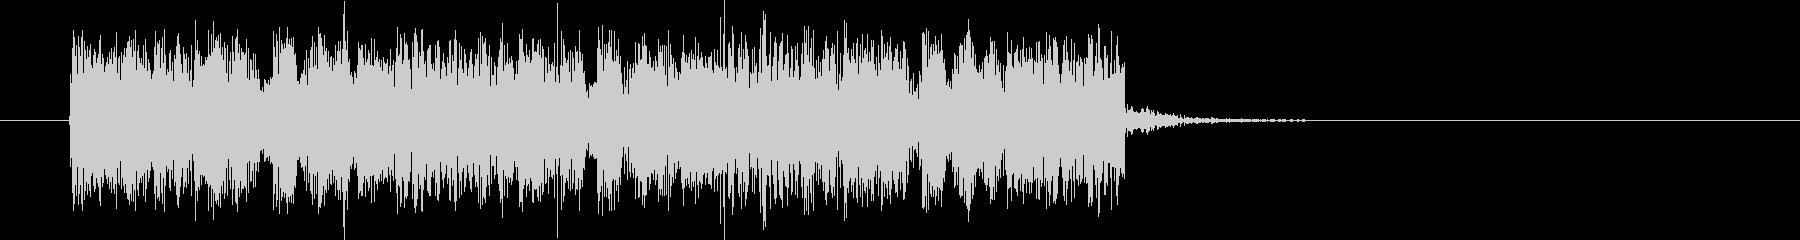 刺激的なハードロックの未再生の波形